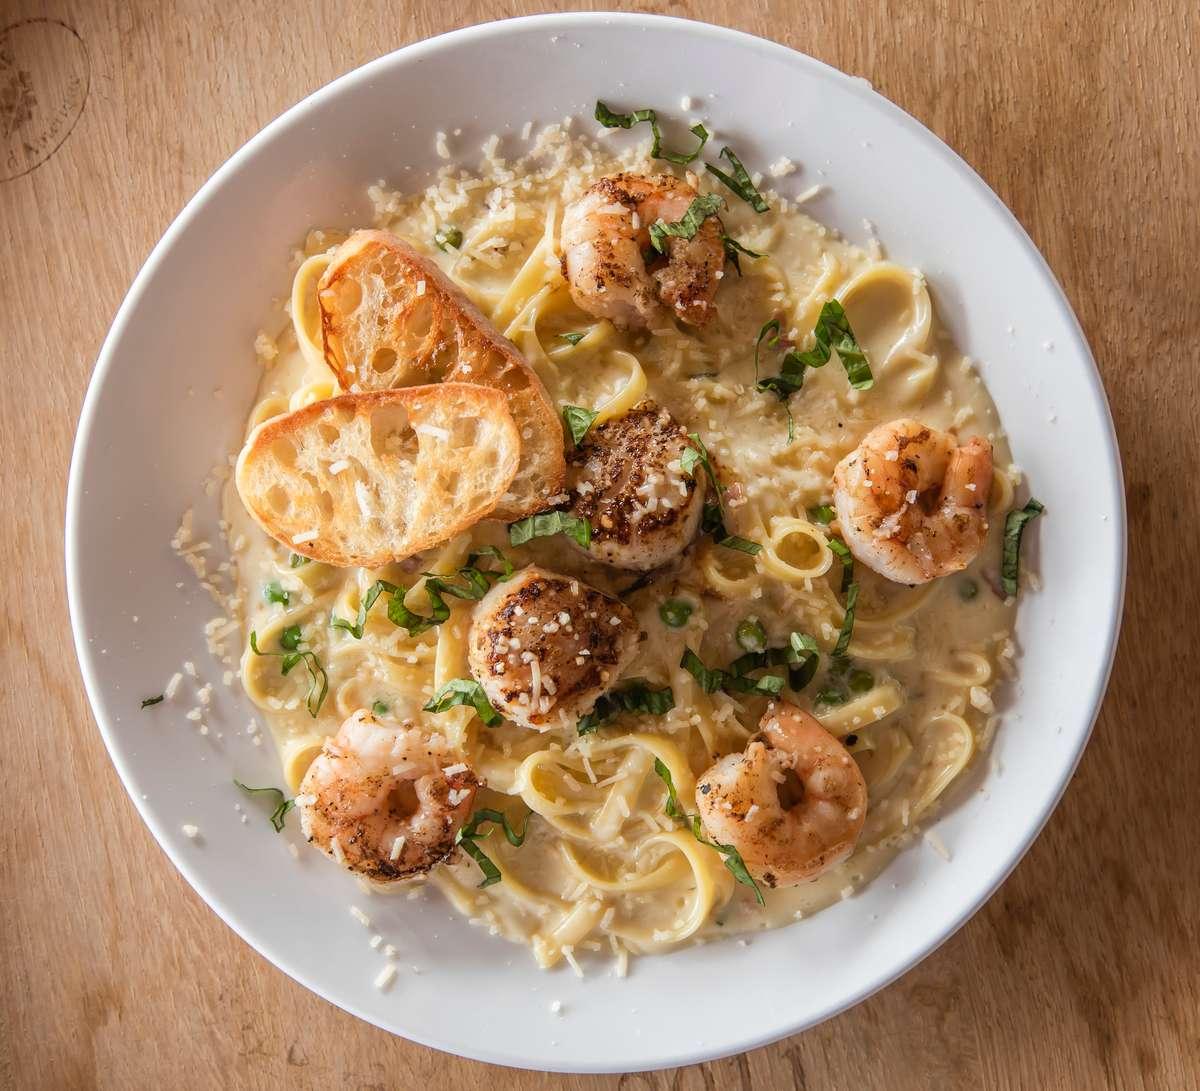 Shrimp & Scallops Carbonara